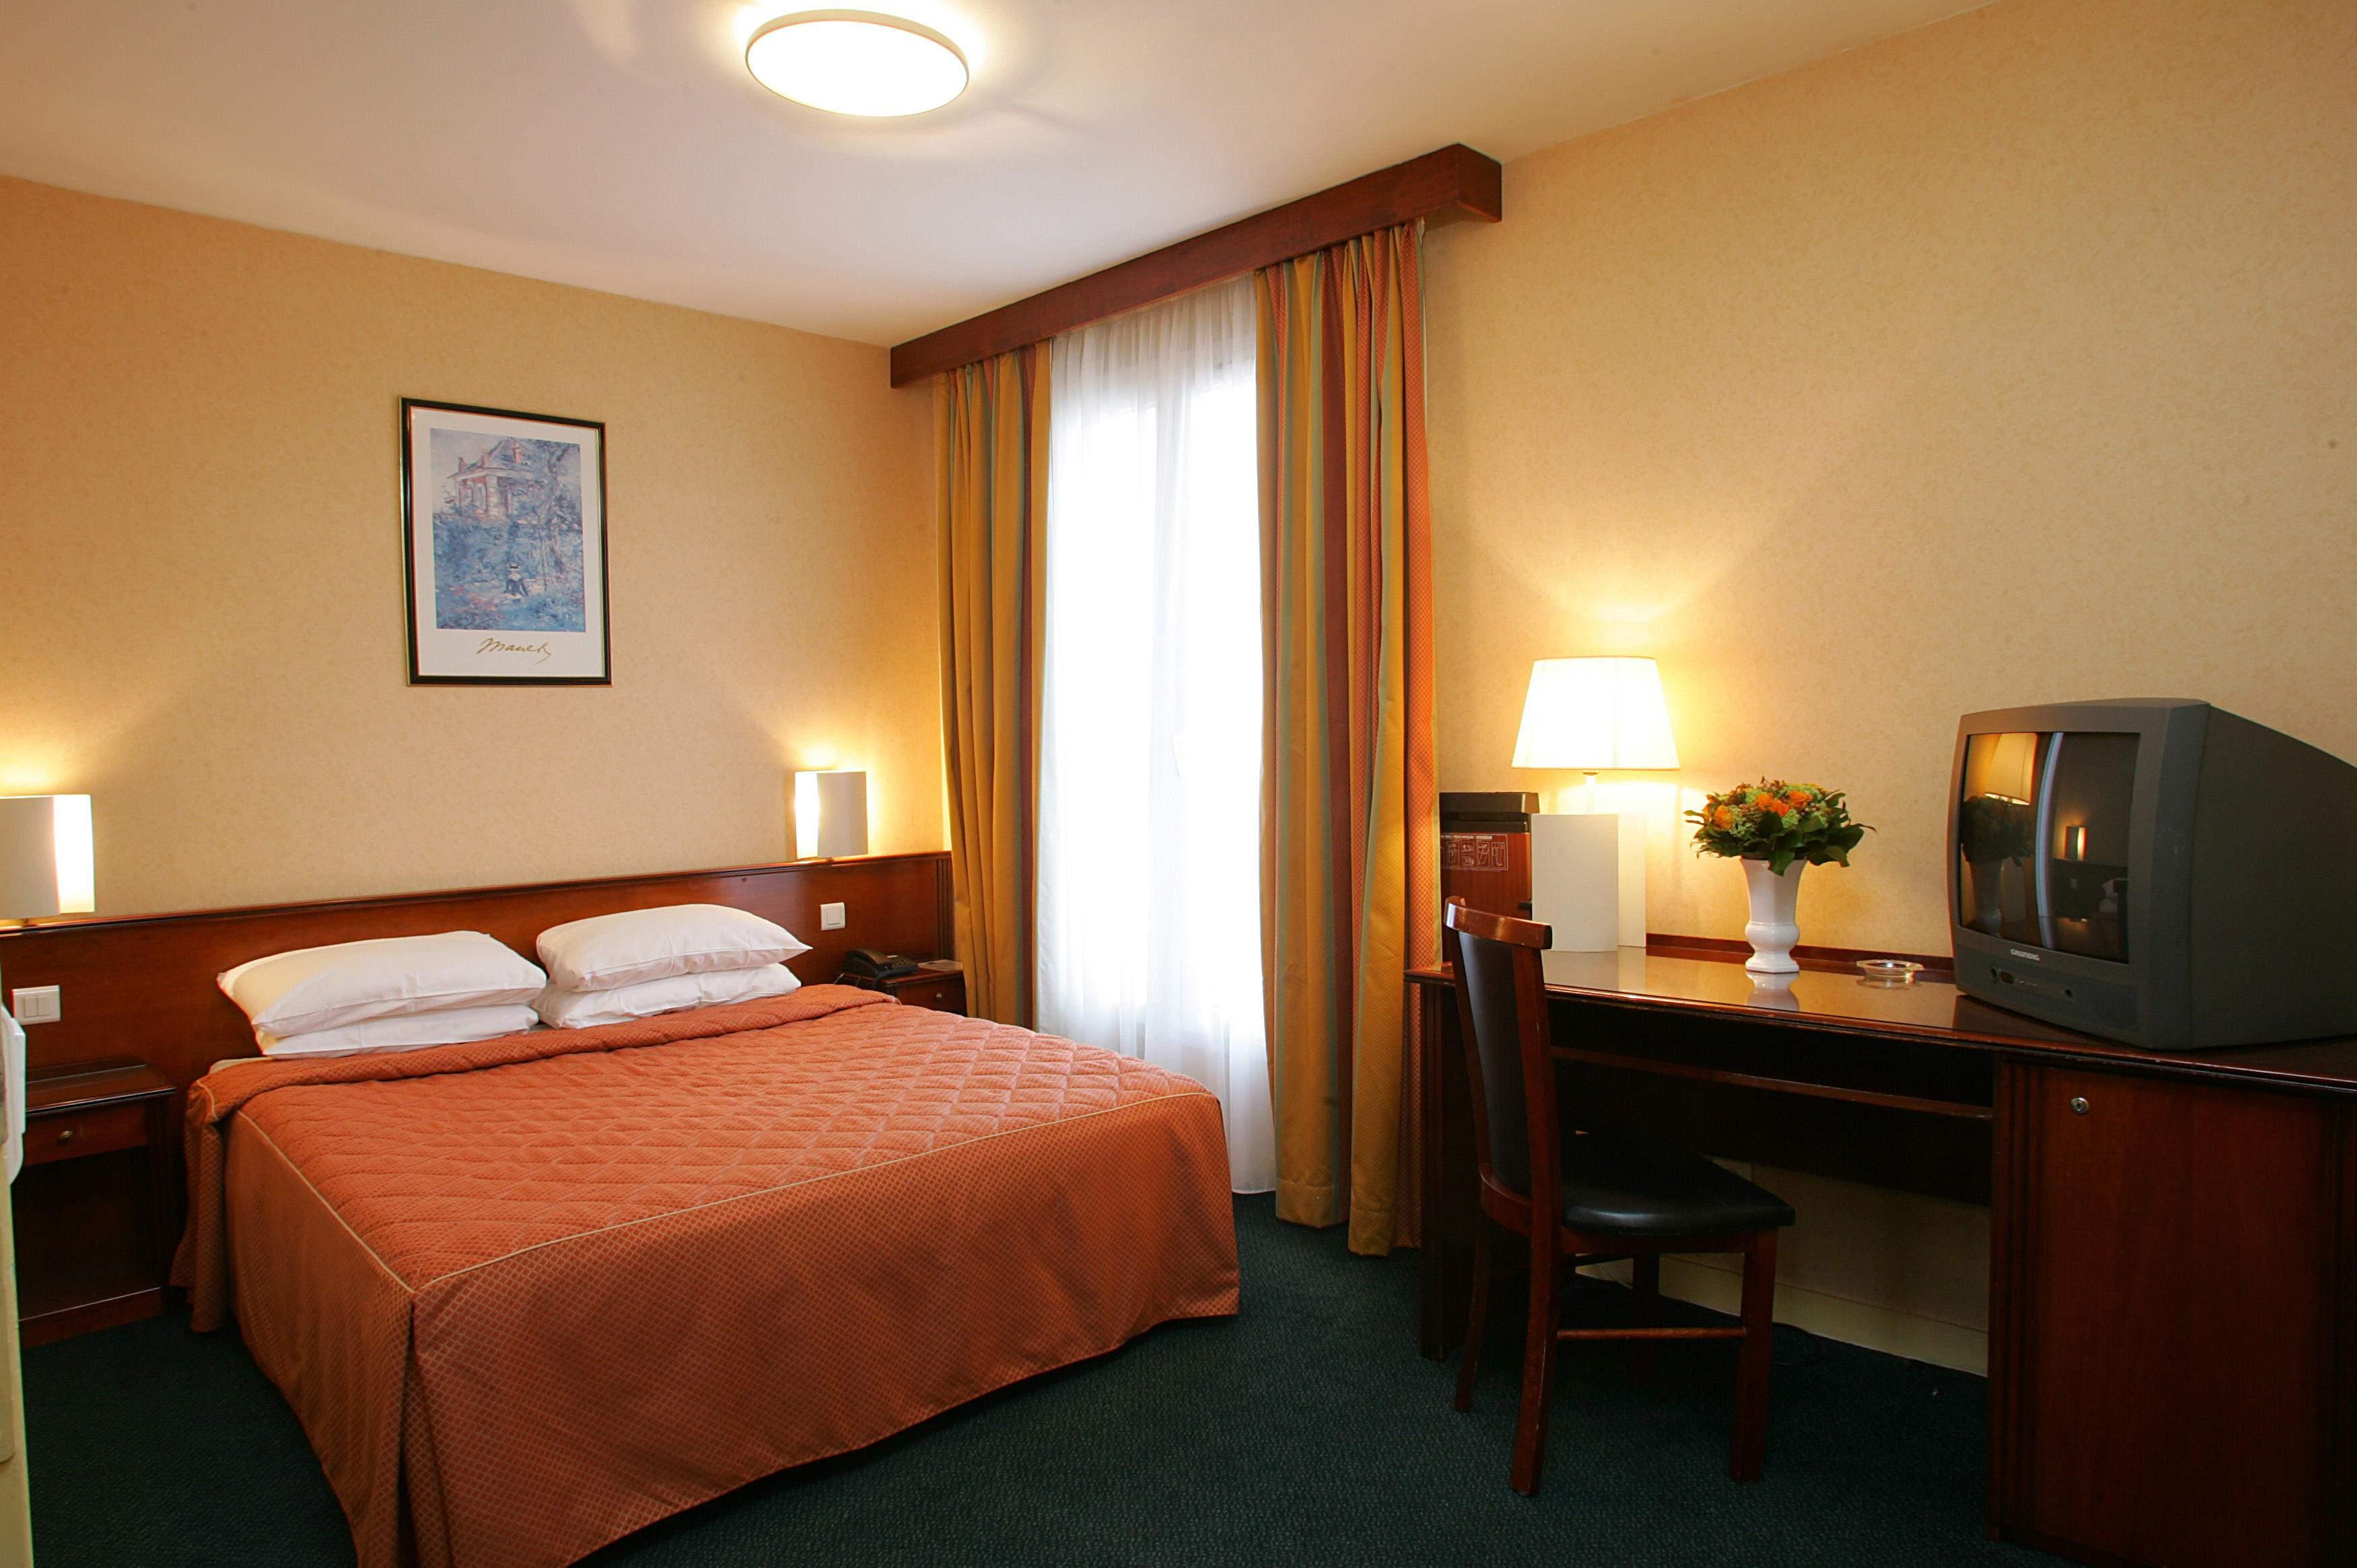 Classics Hotel Parc Des Expositions - France - Paris